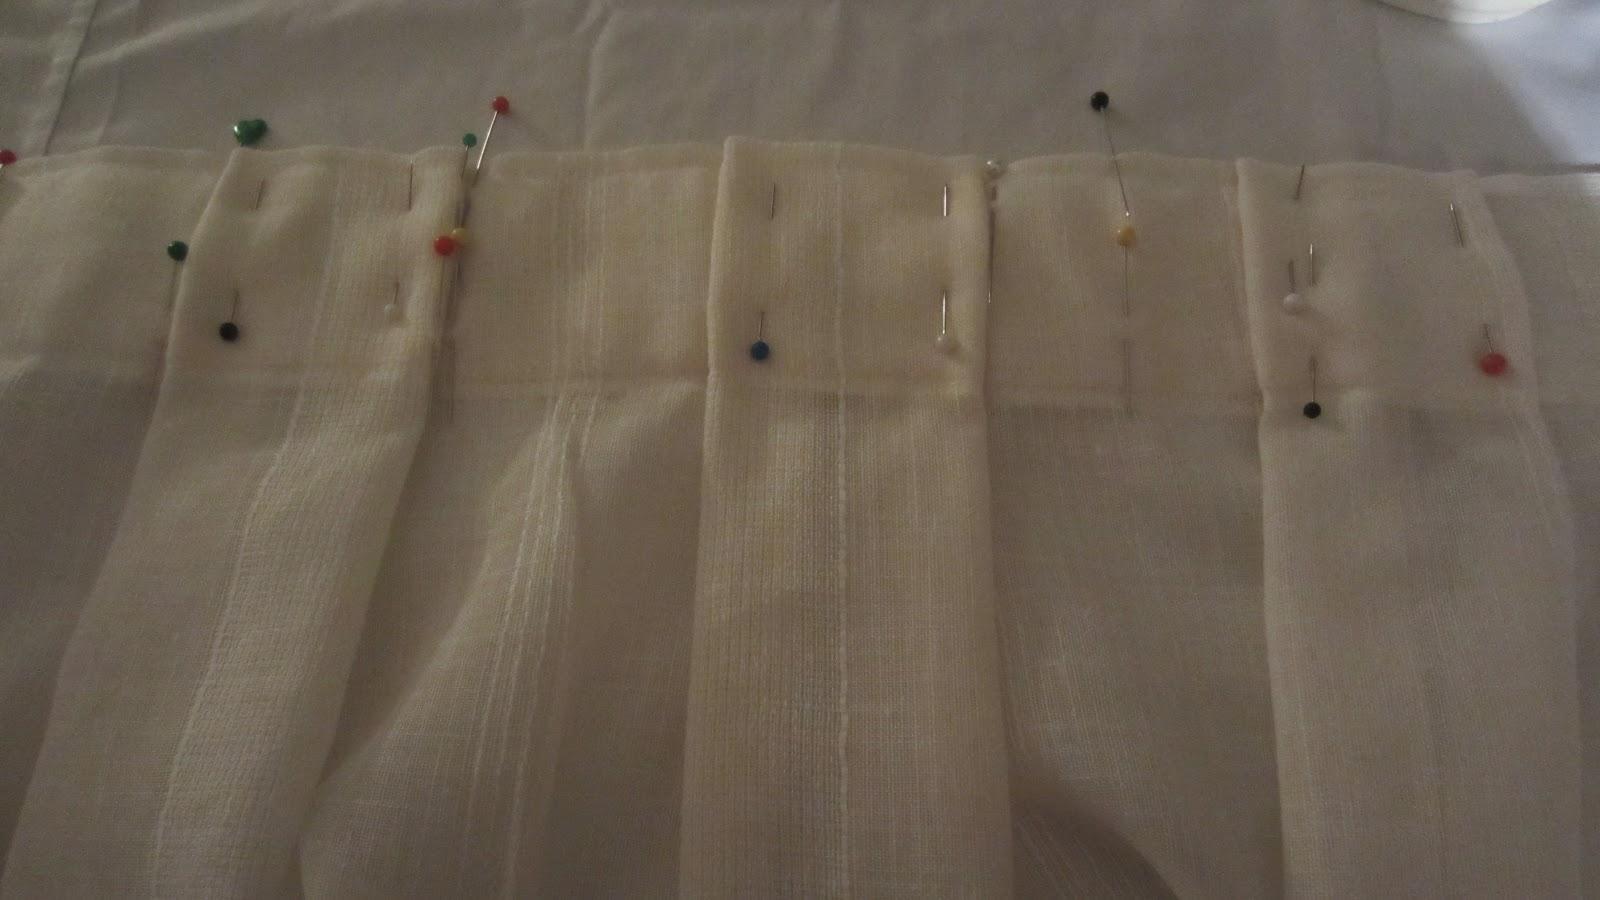 como hacer cortinas de visillos con procedimientos sencillos